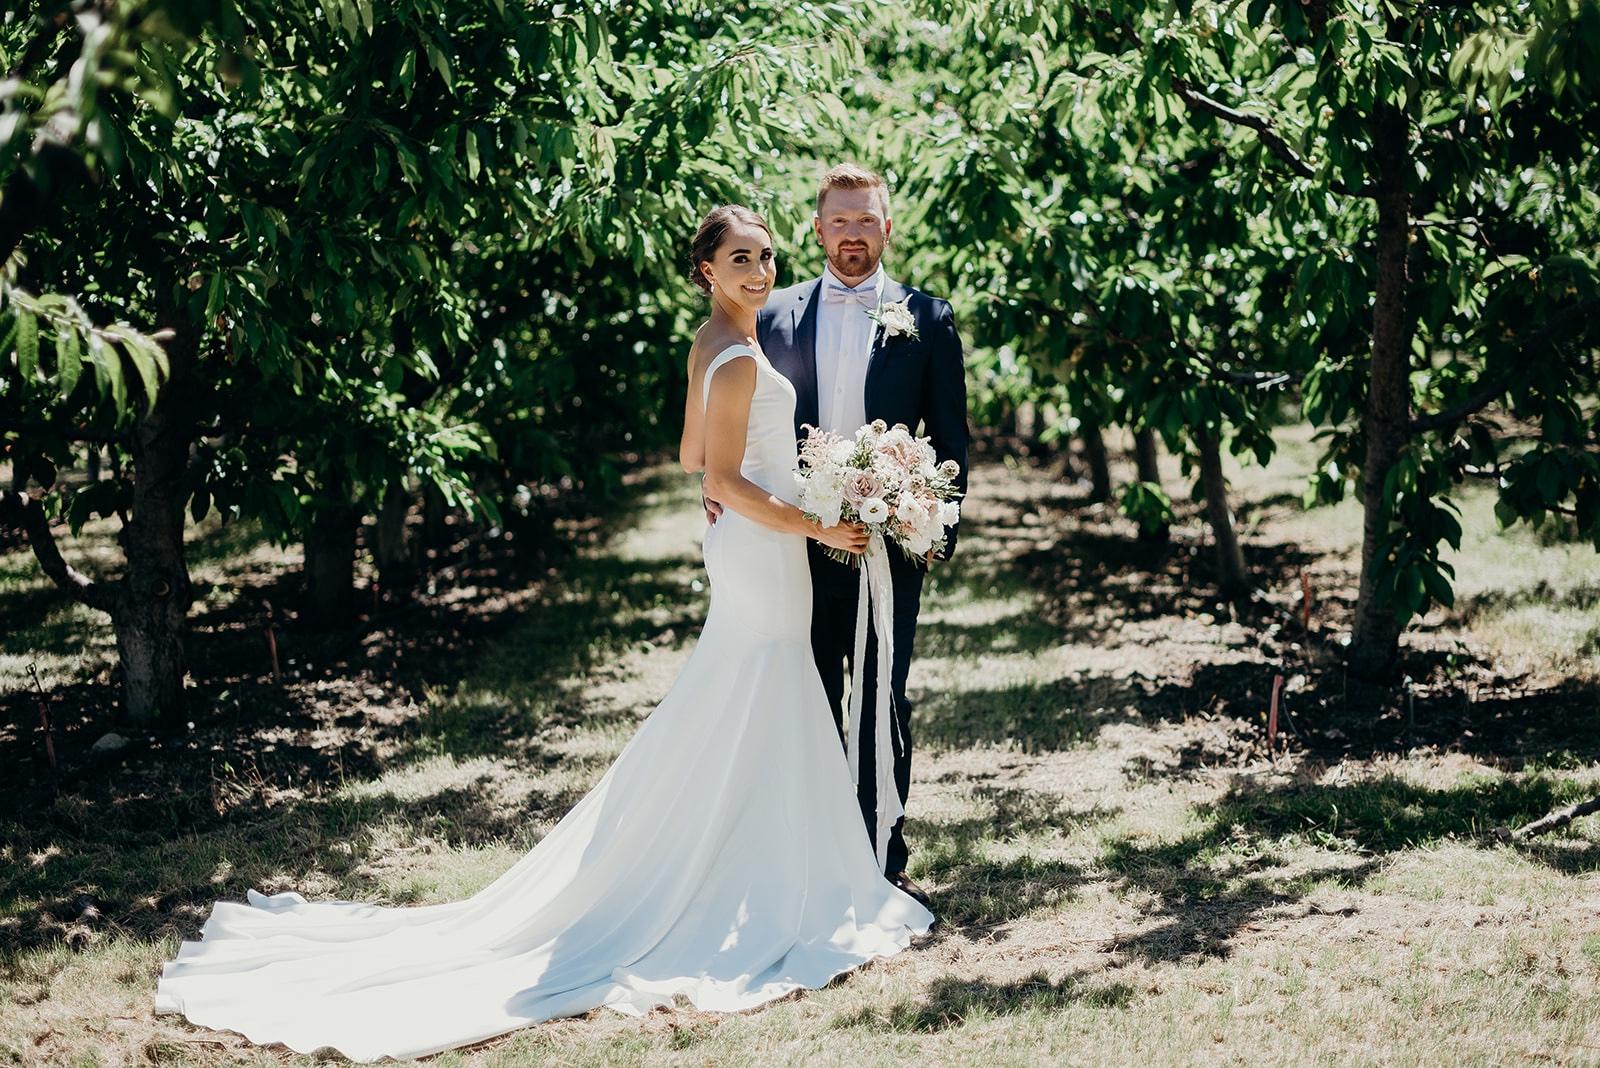 Vernon+Wedding+Planner.jpeg